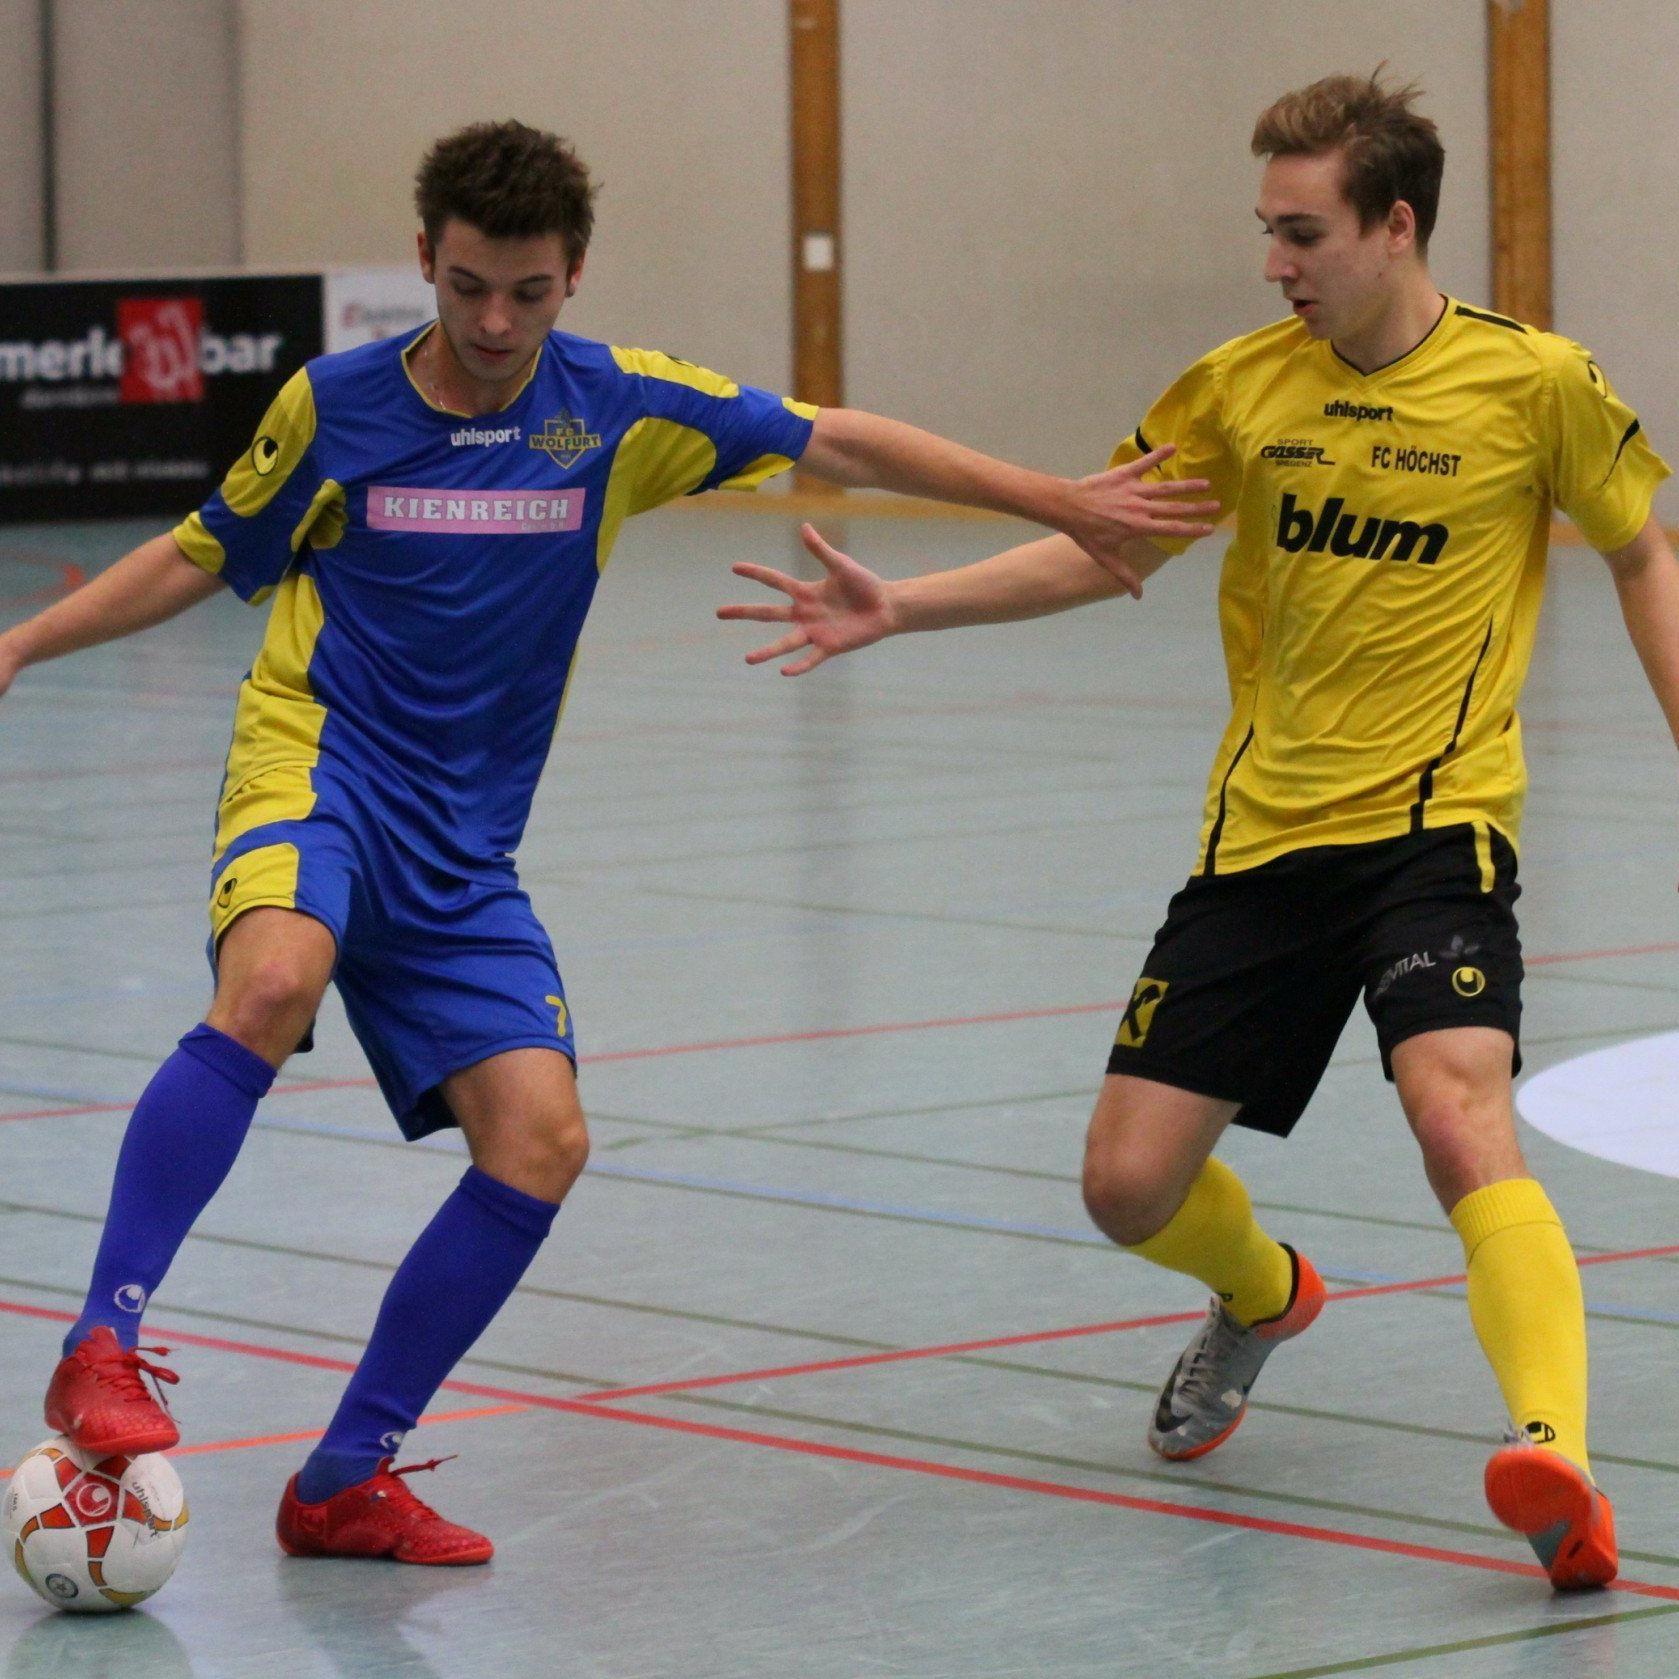 Wolfurt 1b-Kicker Andre Spiegel ist mit seinen Kollegen in allen neun Partien siegreich geblieben.